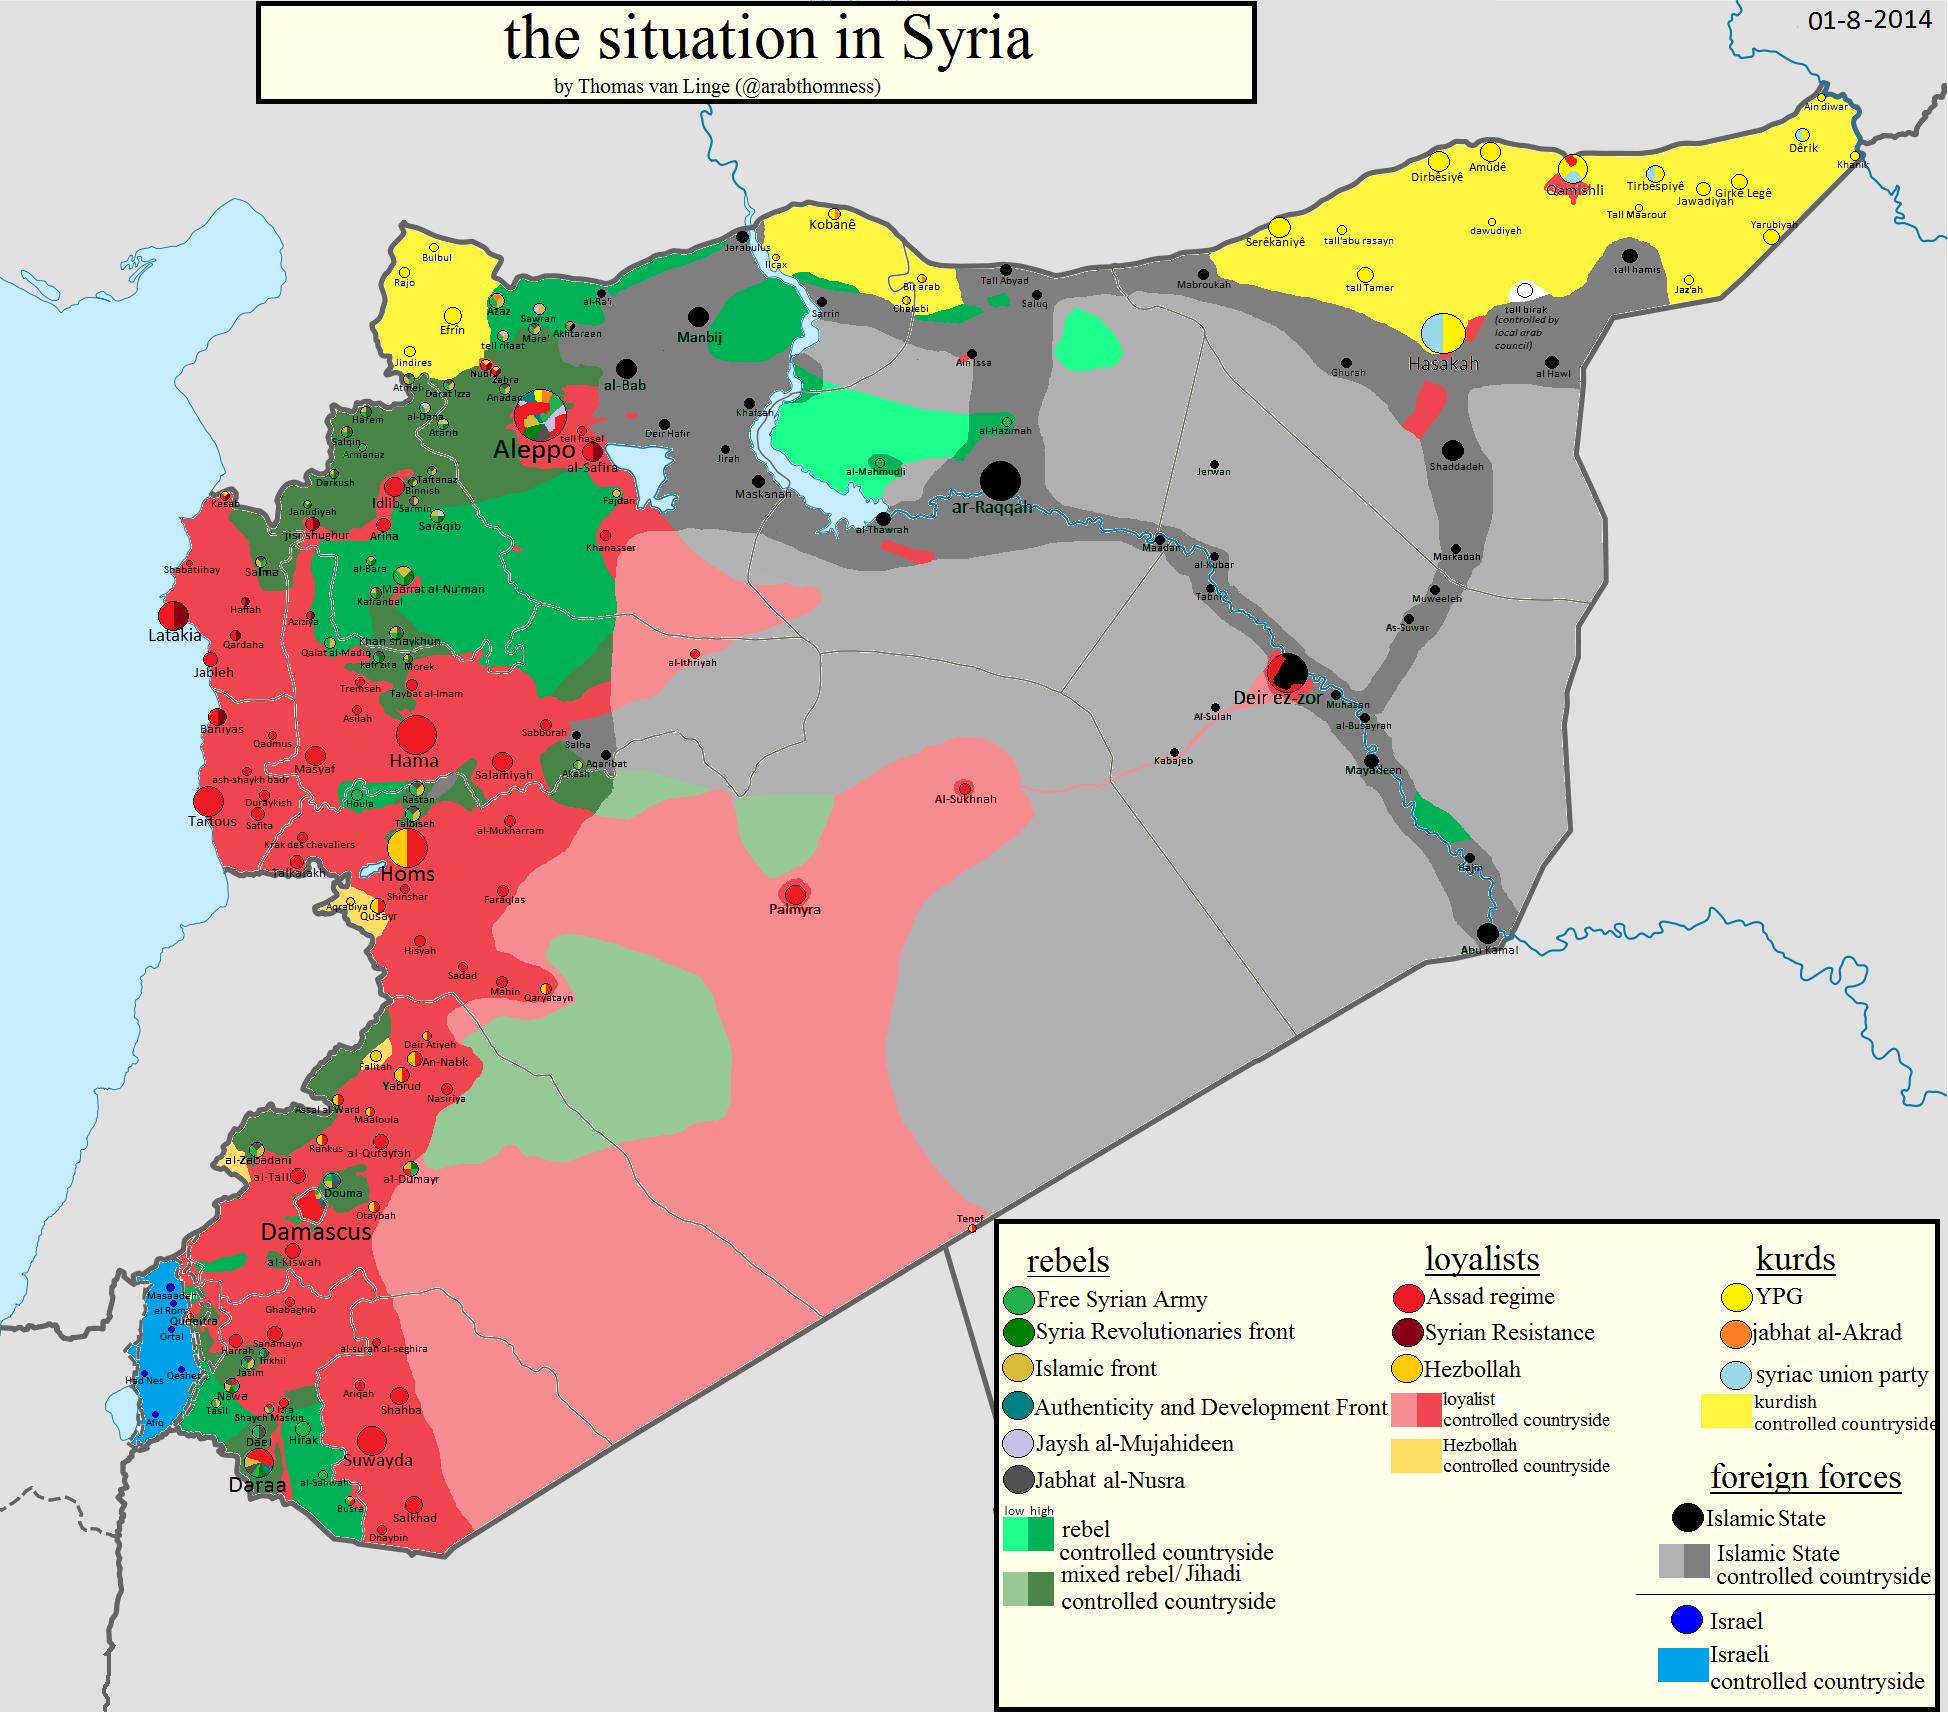 Sirija: Mapa kontrole 1. augusta 2014. godine